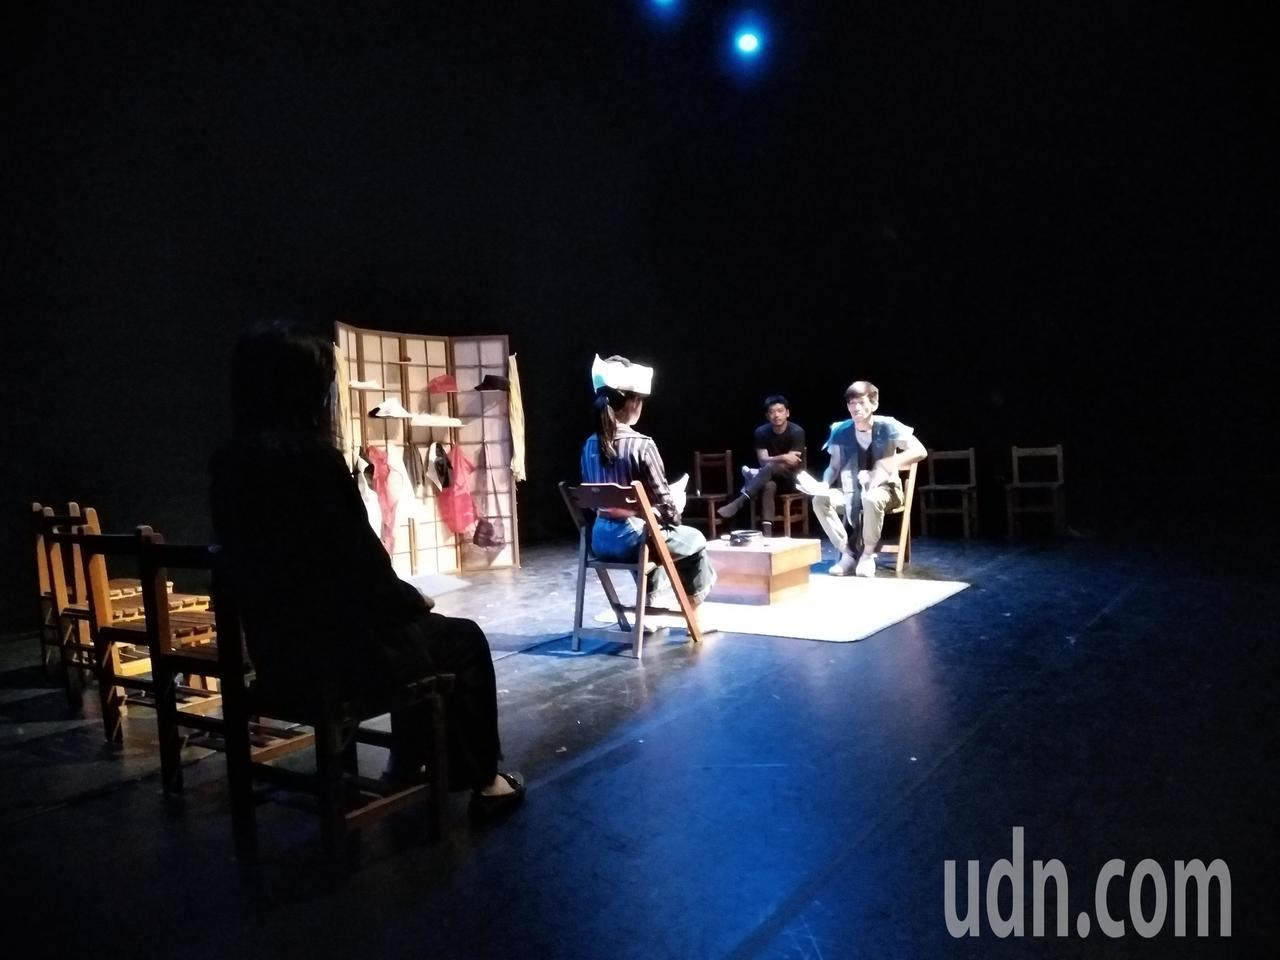 嘉義小劇場戲劇節將會以讀劇演出的形式,貼近劇本文字原貌。記者陳玫伶/攝影